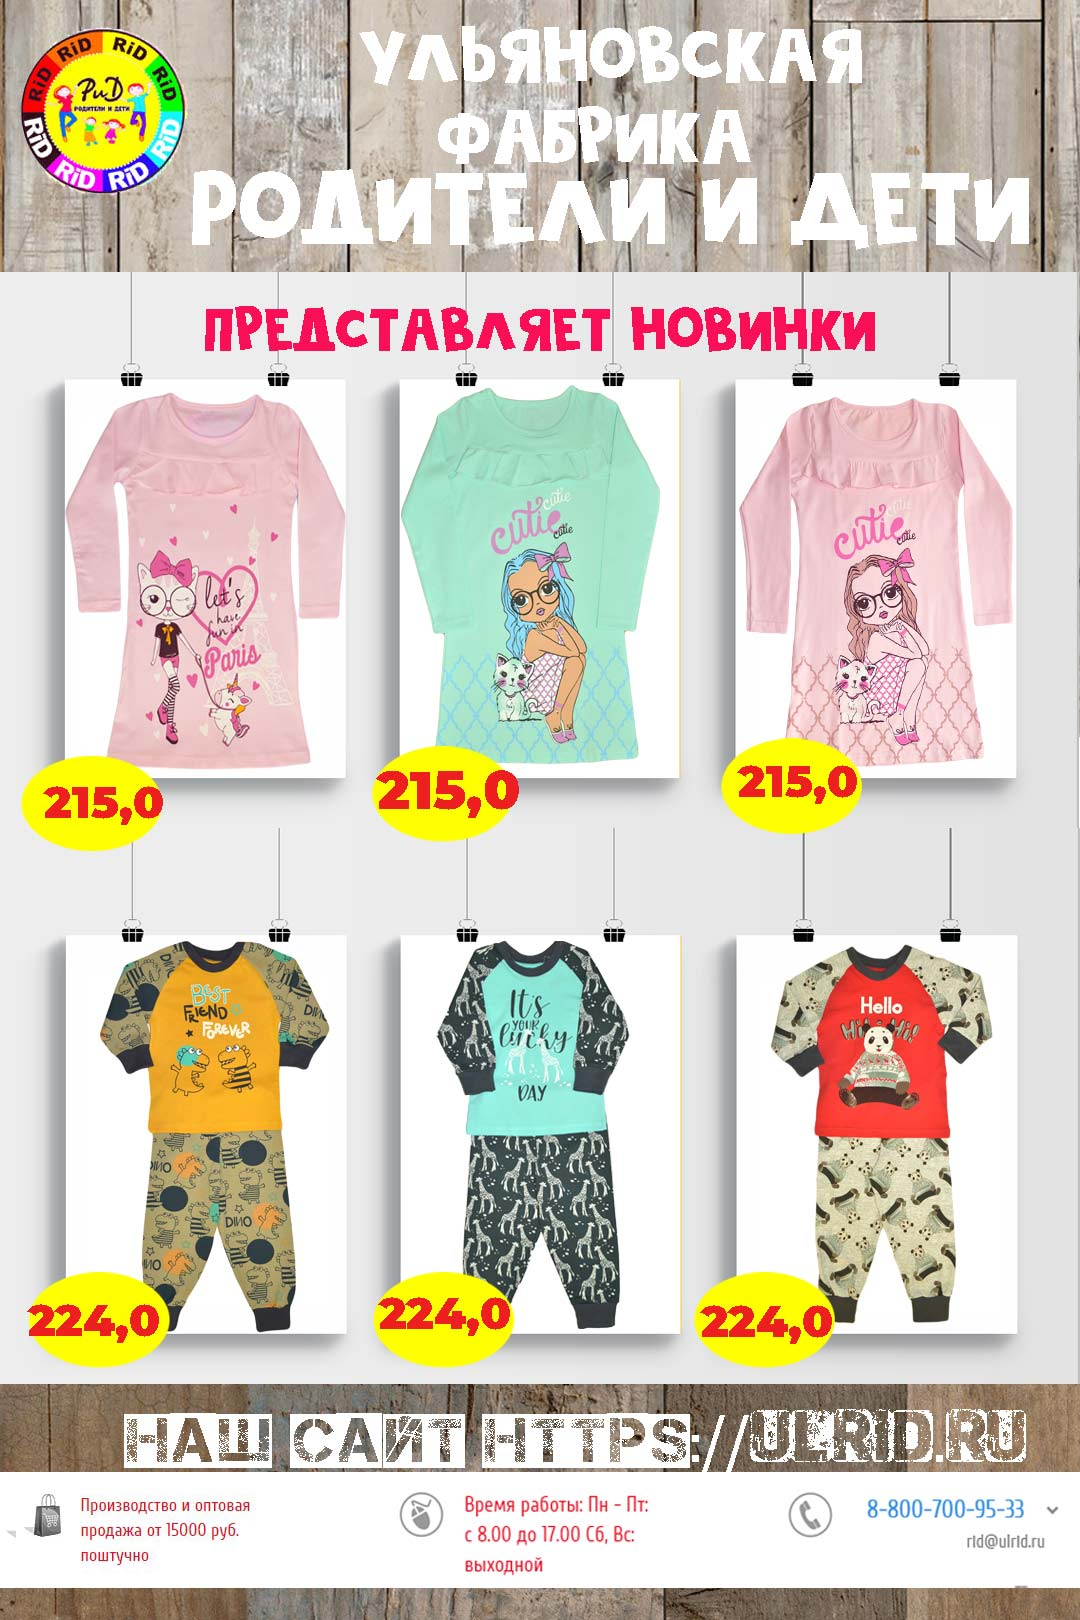 Новинки детской одежды РИД